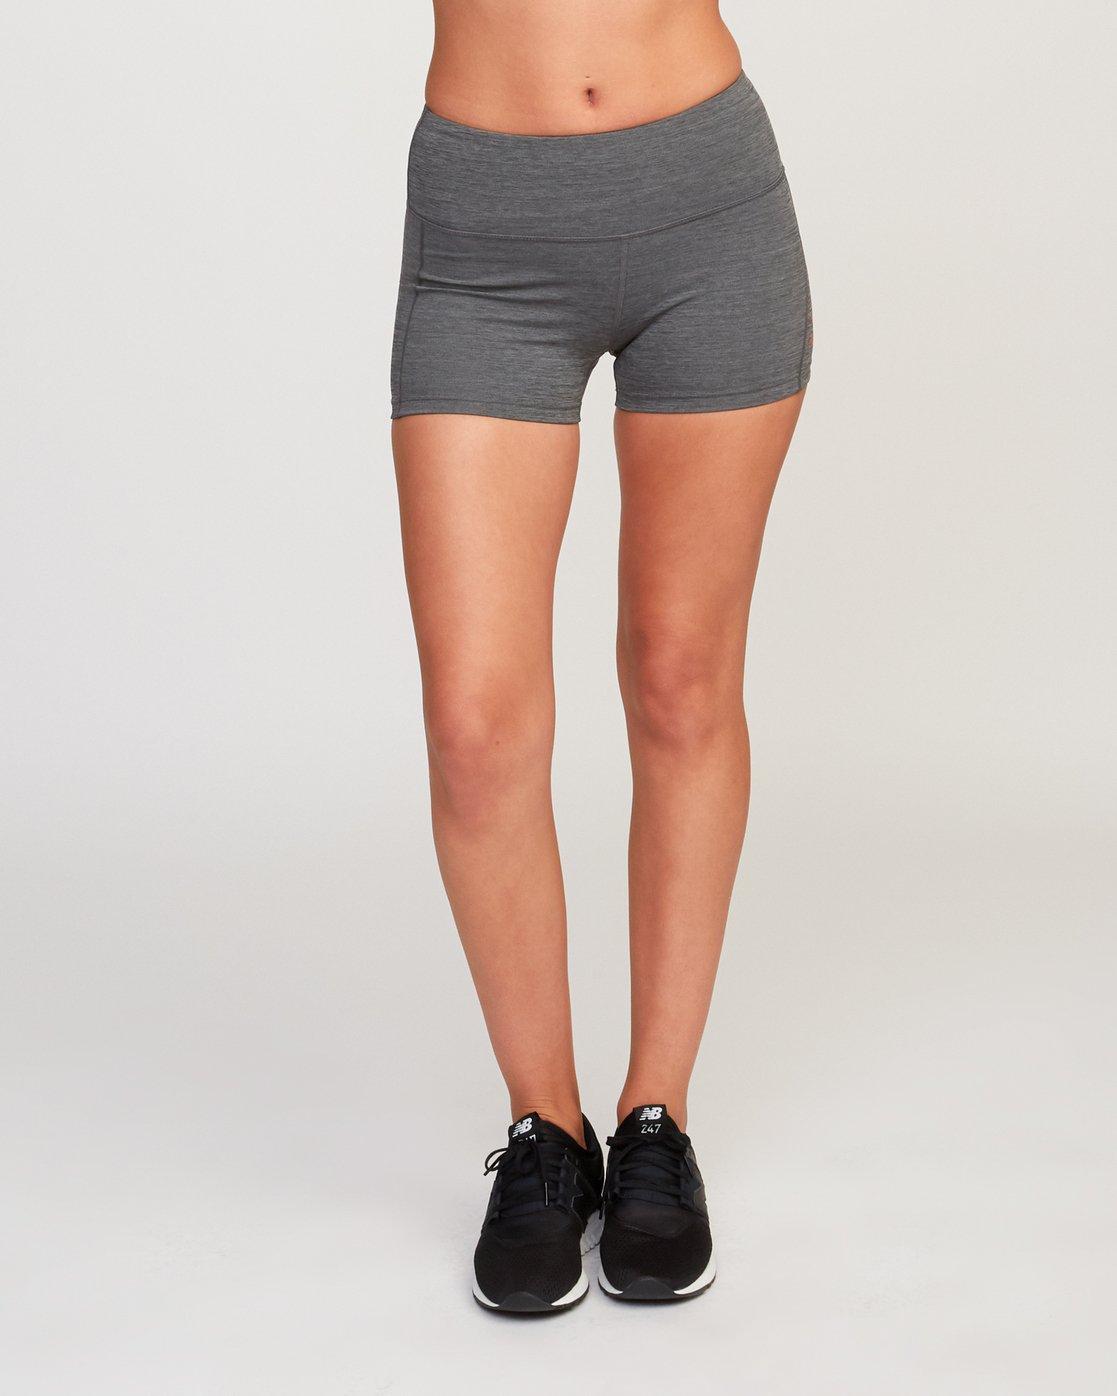 0 VA Shorts Grey R481315 RVCA